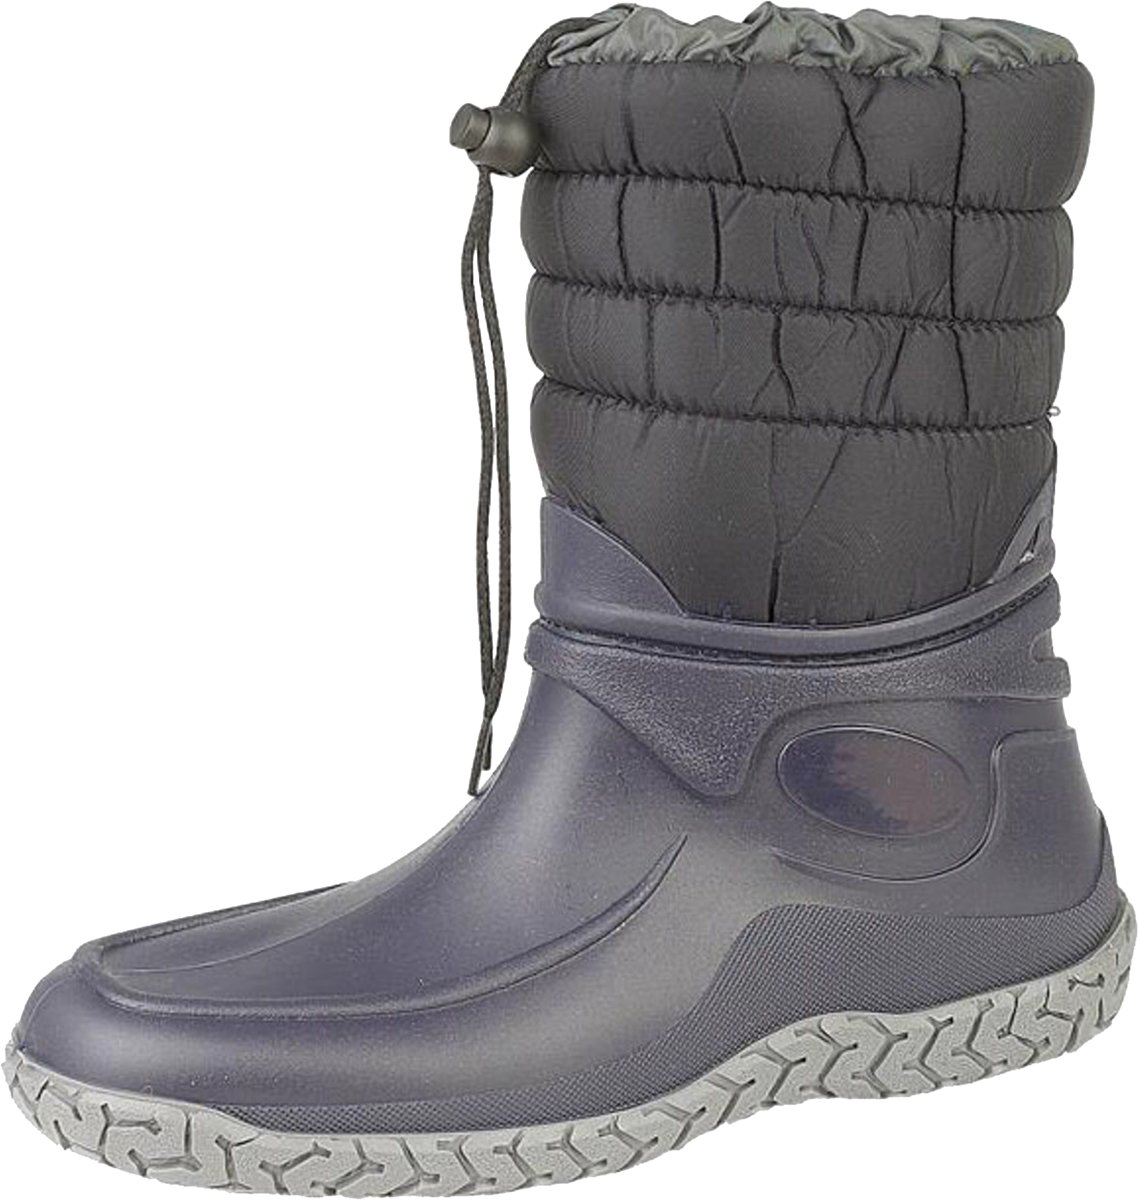 Slush Mirak Warmlined Damen Stiefel, wasserdicht, Warm, für Winter, schneesicher Welly Schuhe, Blau - Dunkelblau - Größe: 36